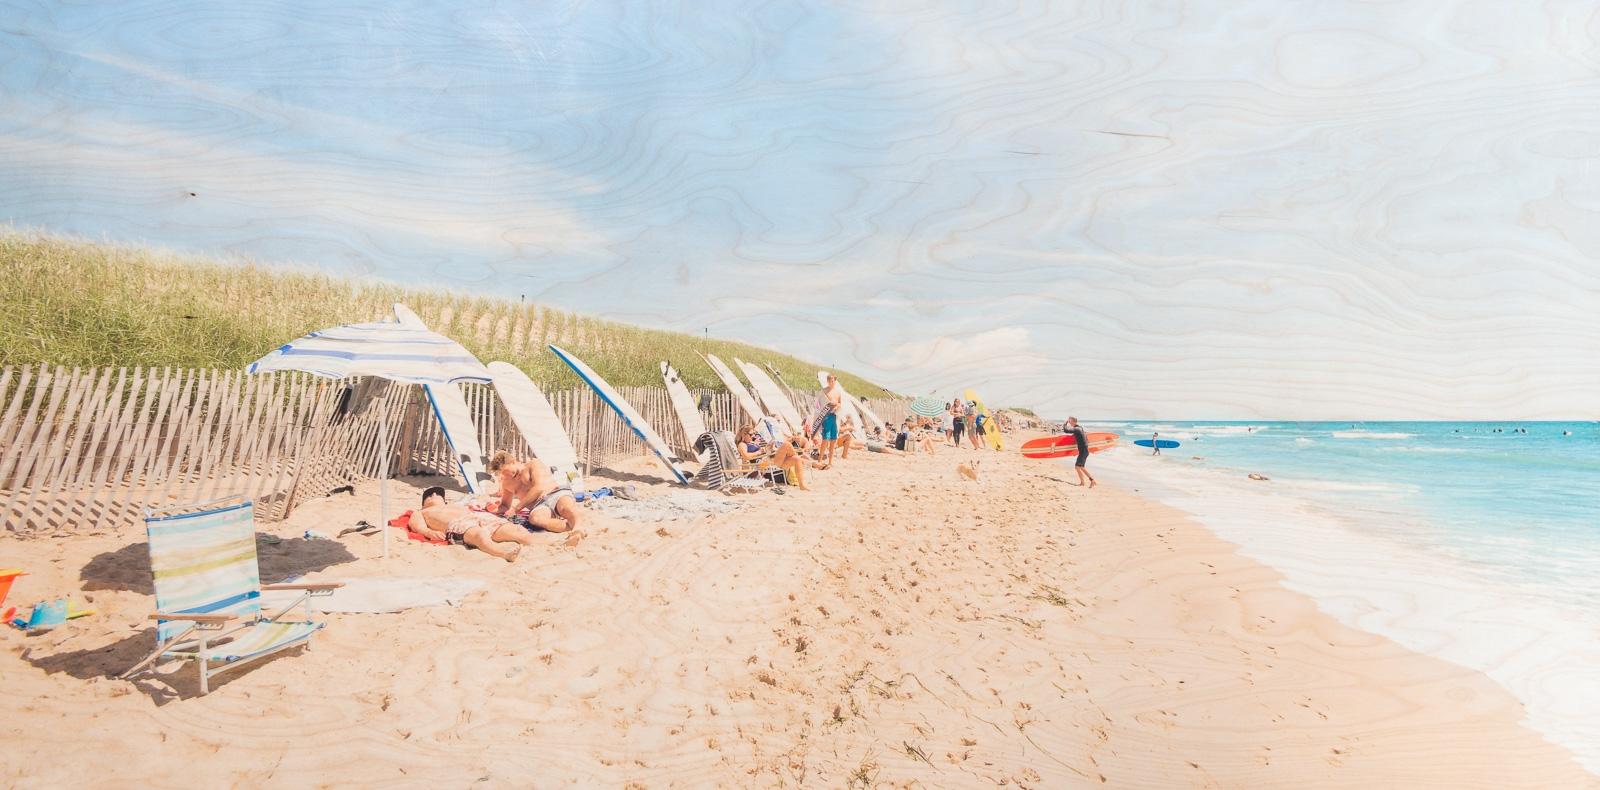 Surf Break  by Patrick Lajoie